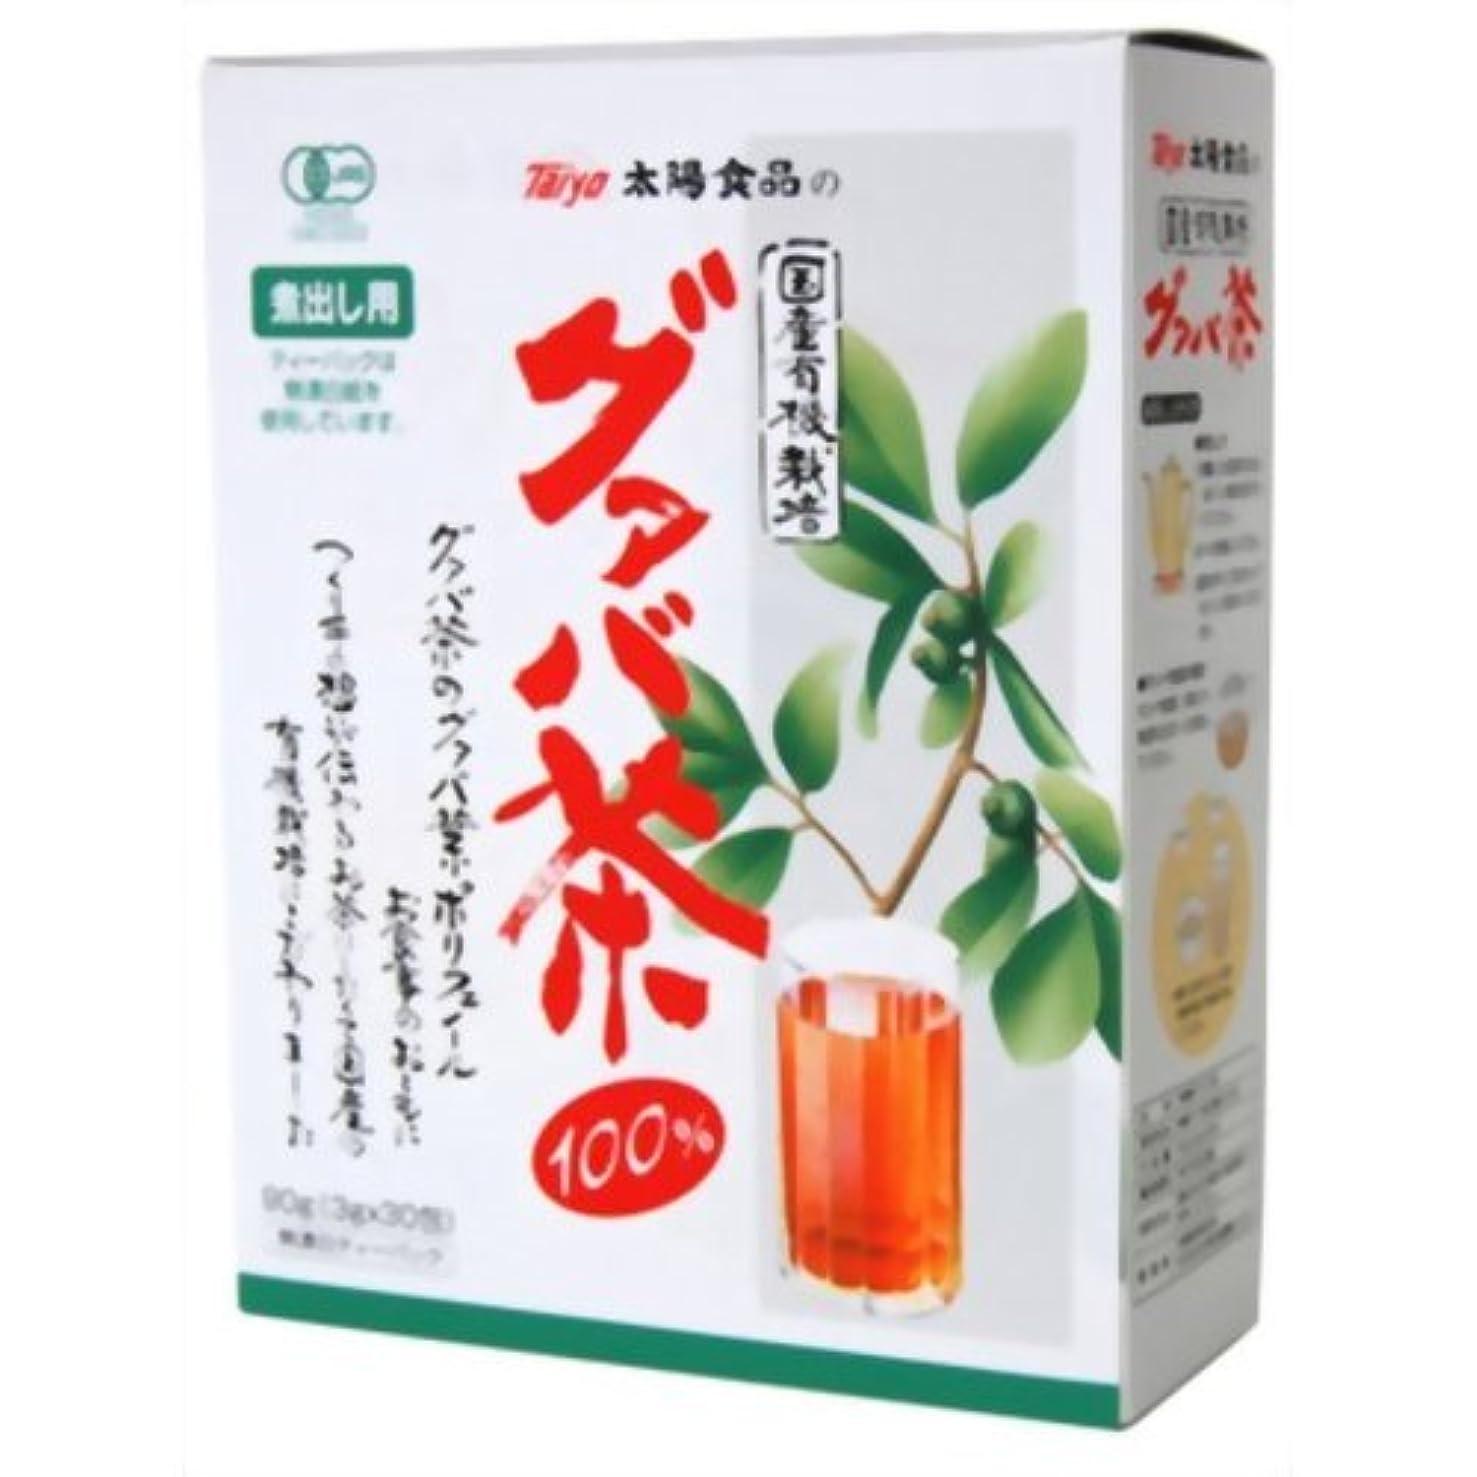 刺激する膜詳細に国産有機栽培グアバ茶 3gX30包